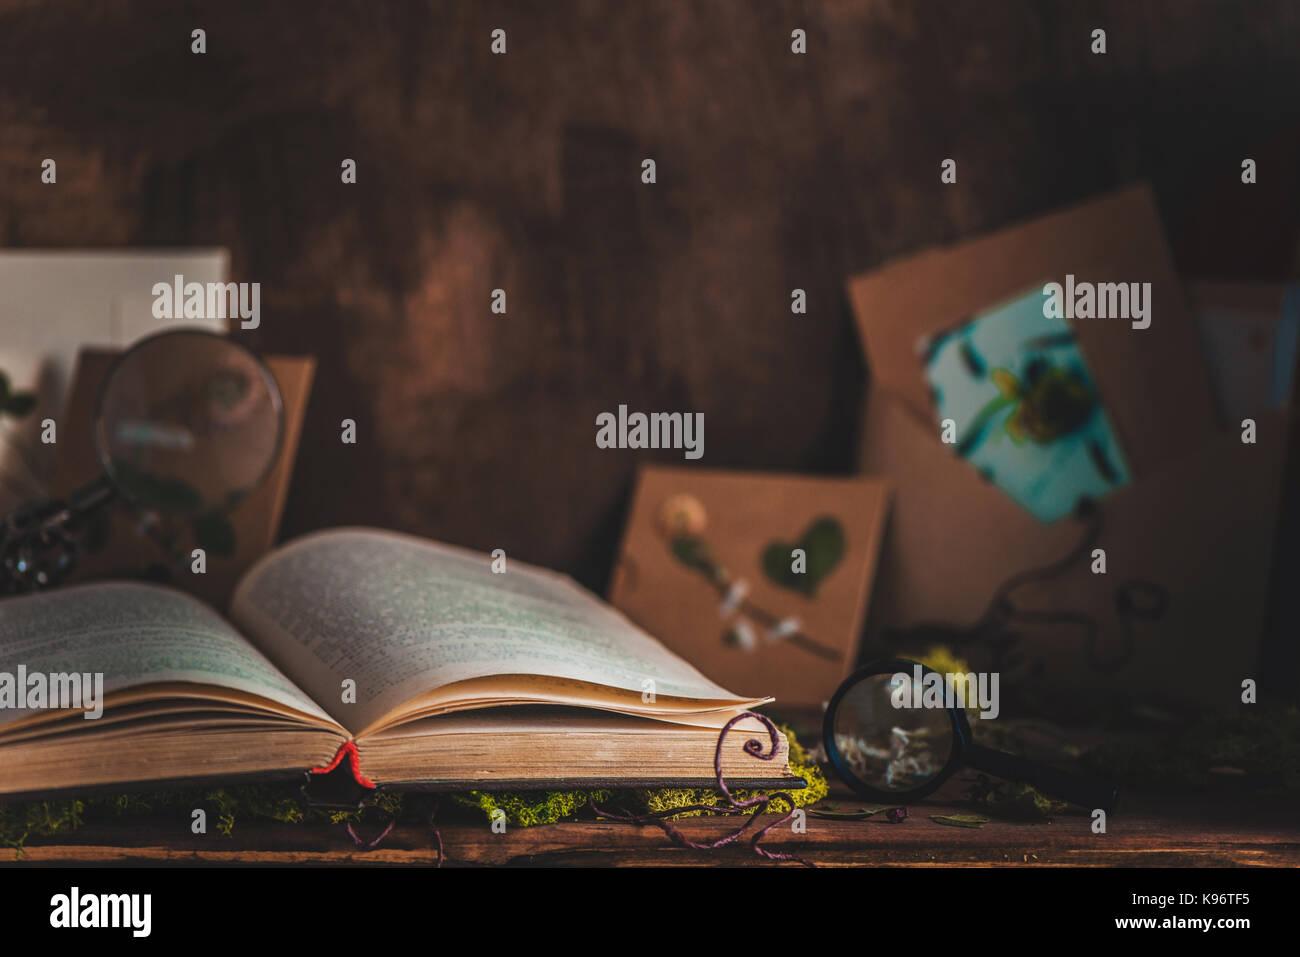 La vie encore chaud avec un livre ouvert, les ciseaux, les plantes séchées, de mousse et de l'artisanat Photo Stock